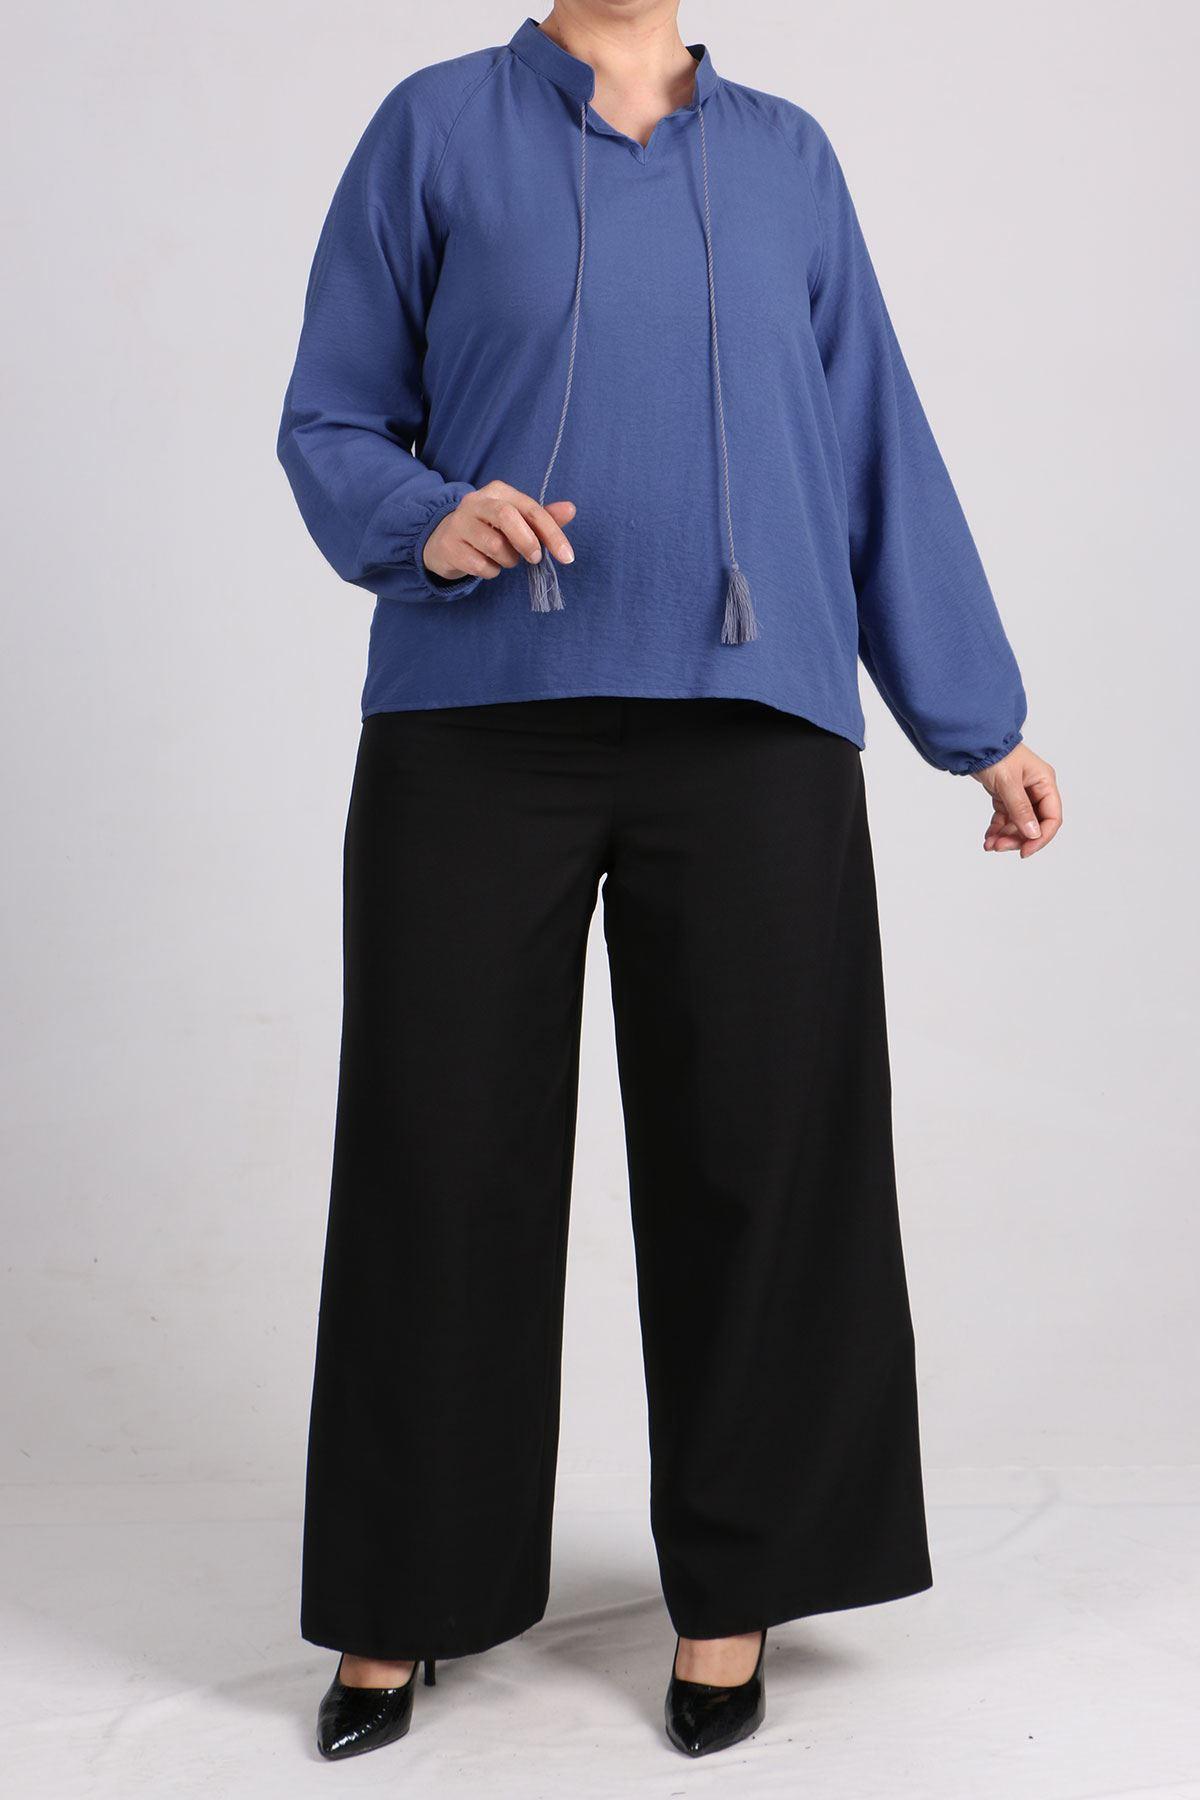 8441 Plus Size Short Tunic - Indigo